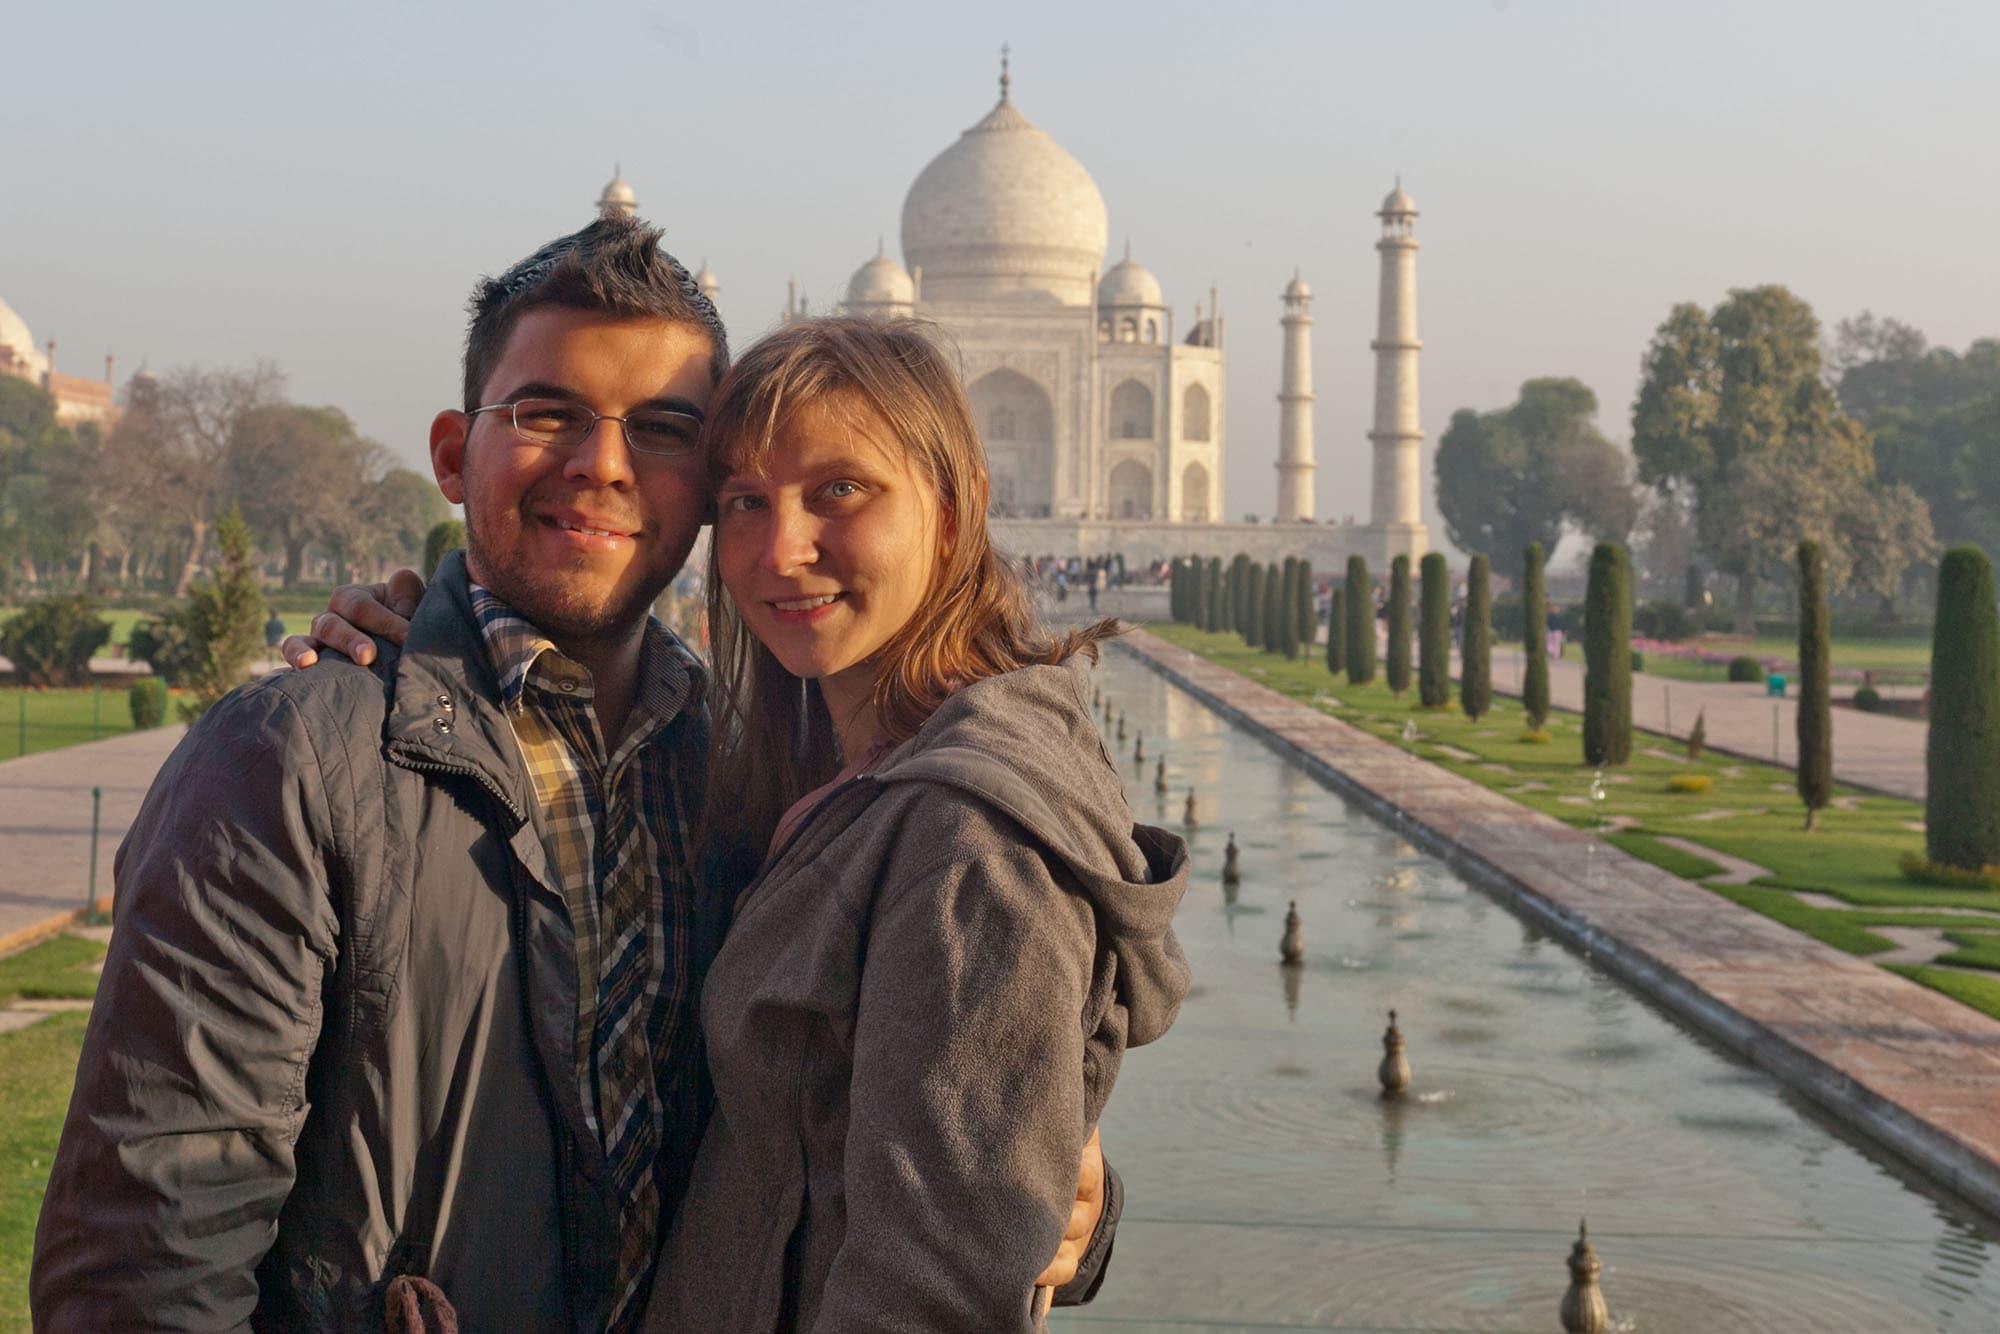 Me and Jaime at the Taj Mahal.